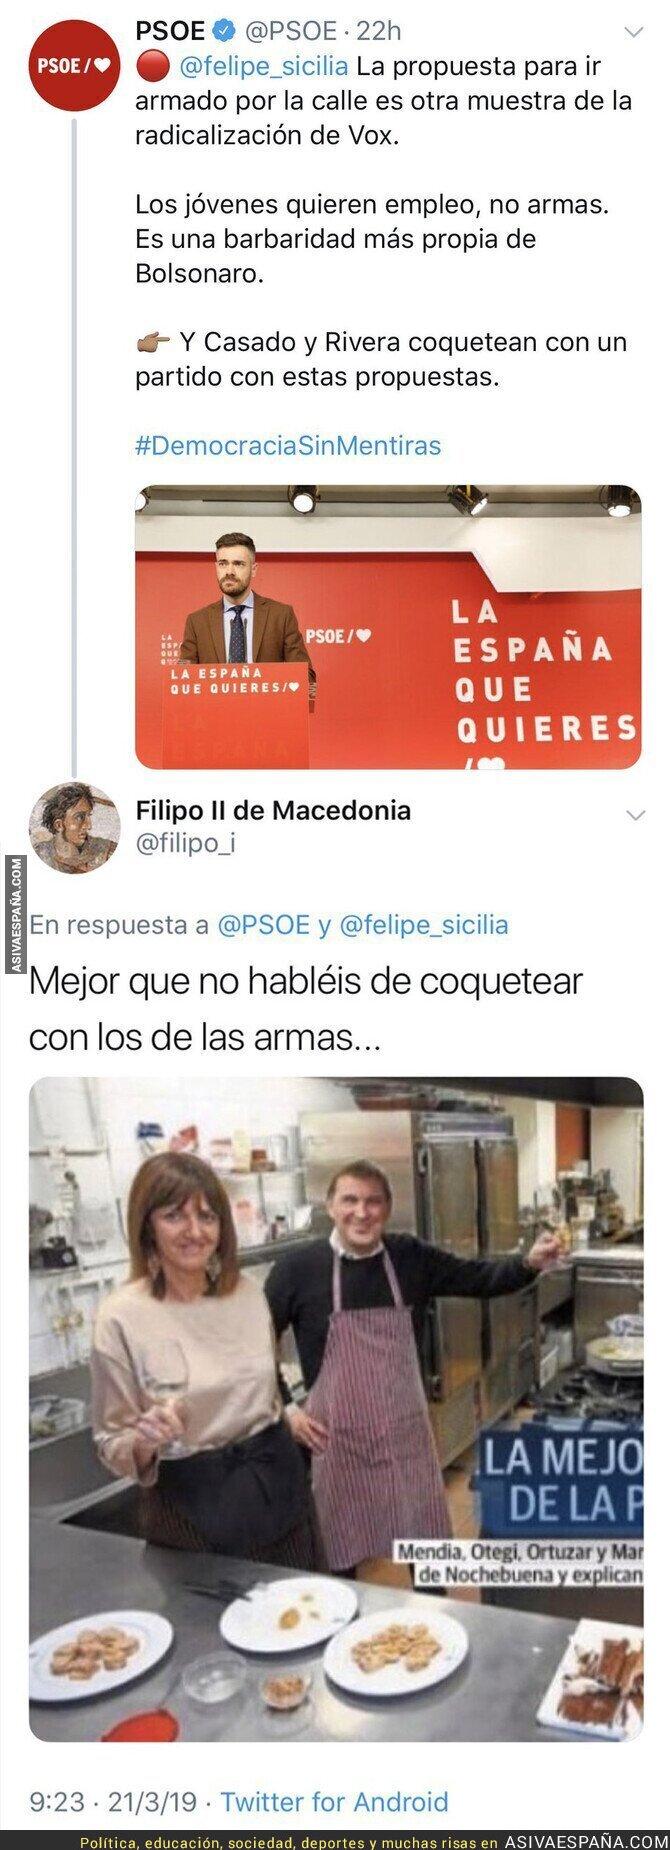 107185 - El PSOE carga contra VOX por el uso de armas y le responden con una foto que les calla la boca